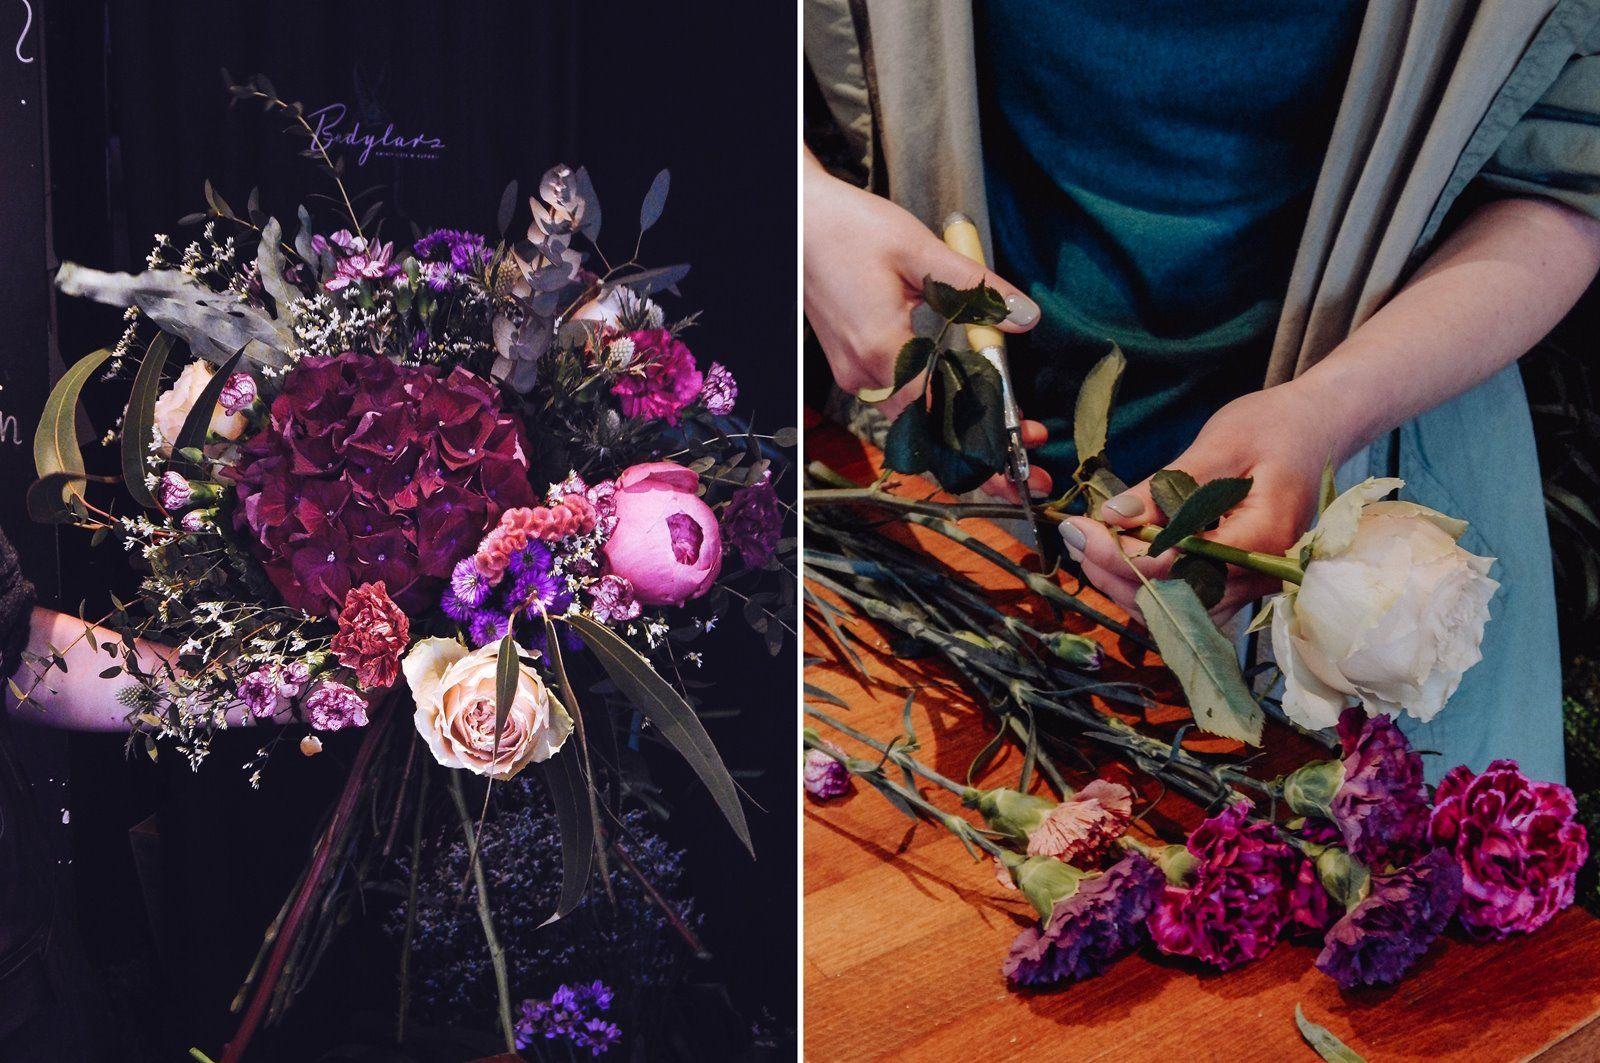 Pomysl Na Biznes Wywiad Z Luiza I Mateuszem Wlascicielami Lodzkiej Kwiaciarni Badylarz Kwiaty Ciete W Euforii About Me Blog Blog Vegetables